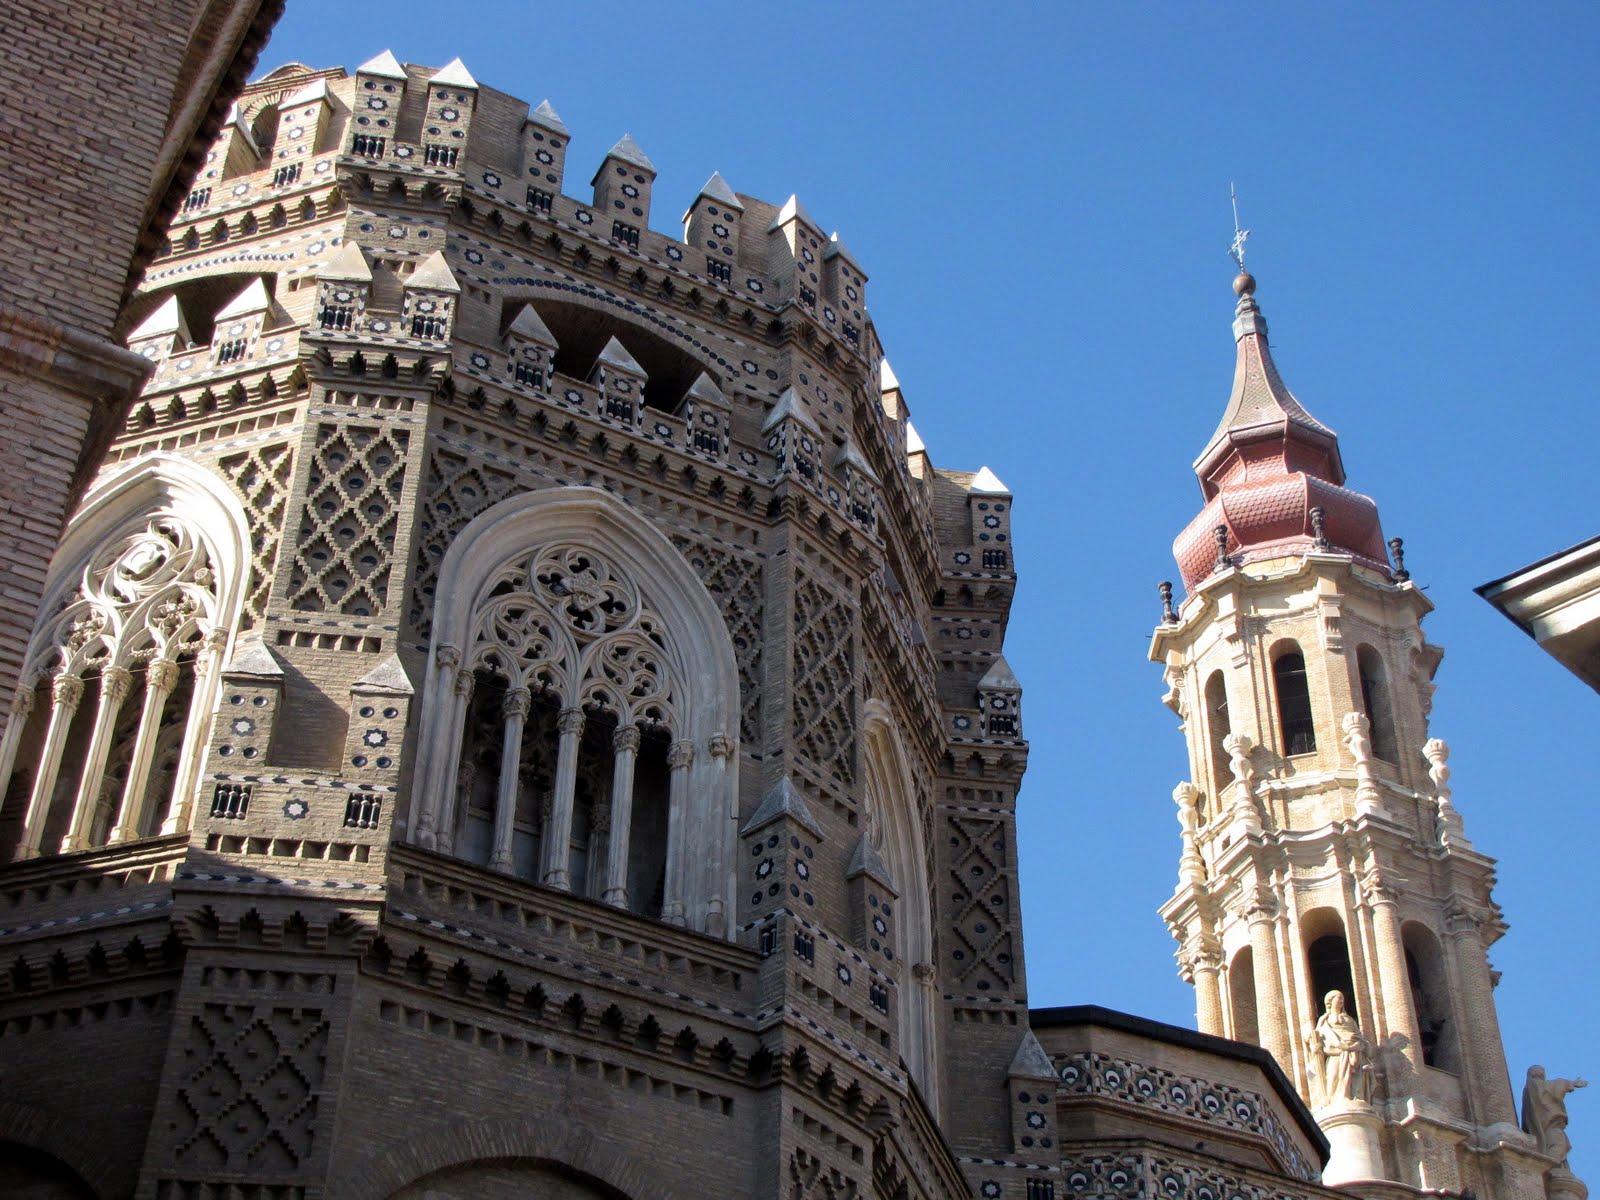 Mesmerizing La Seo Cathedral In Zaragoza, Spain